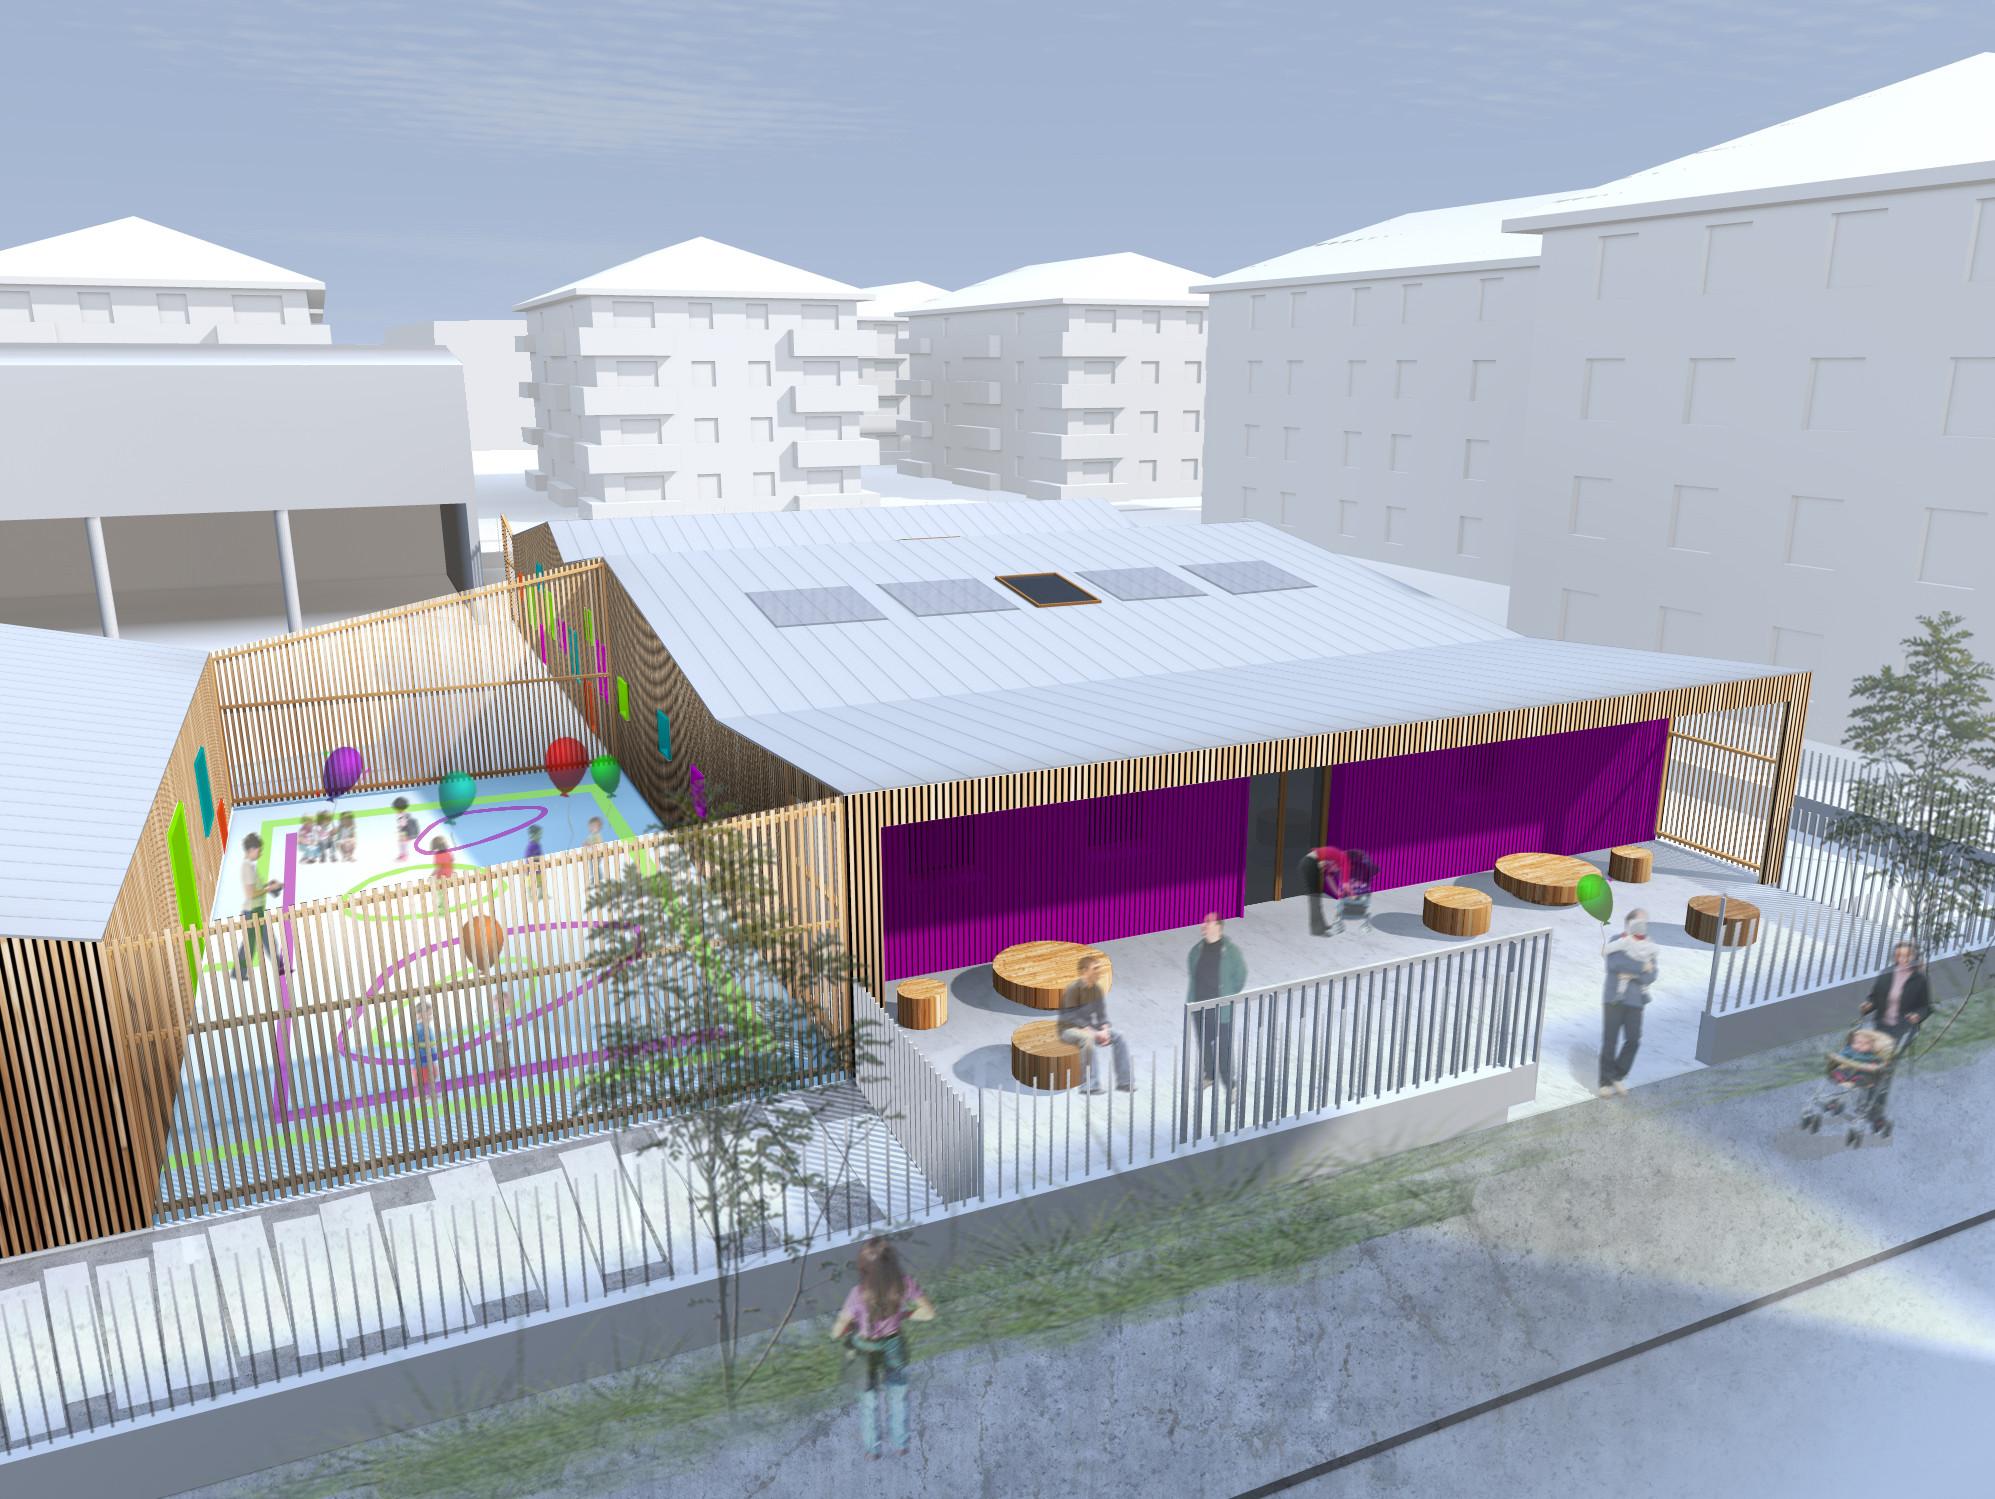 Edificio de Educación Infantil y Haurreskola / Hiribarren-Gonzalez + Estudio Urgari, Cortesia de Hiribarren-Gonzalez + Estudio Urgari